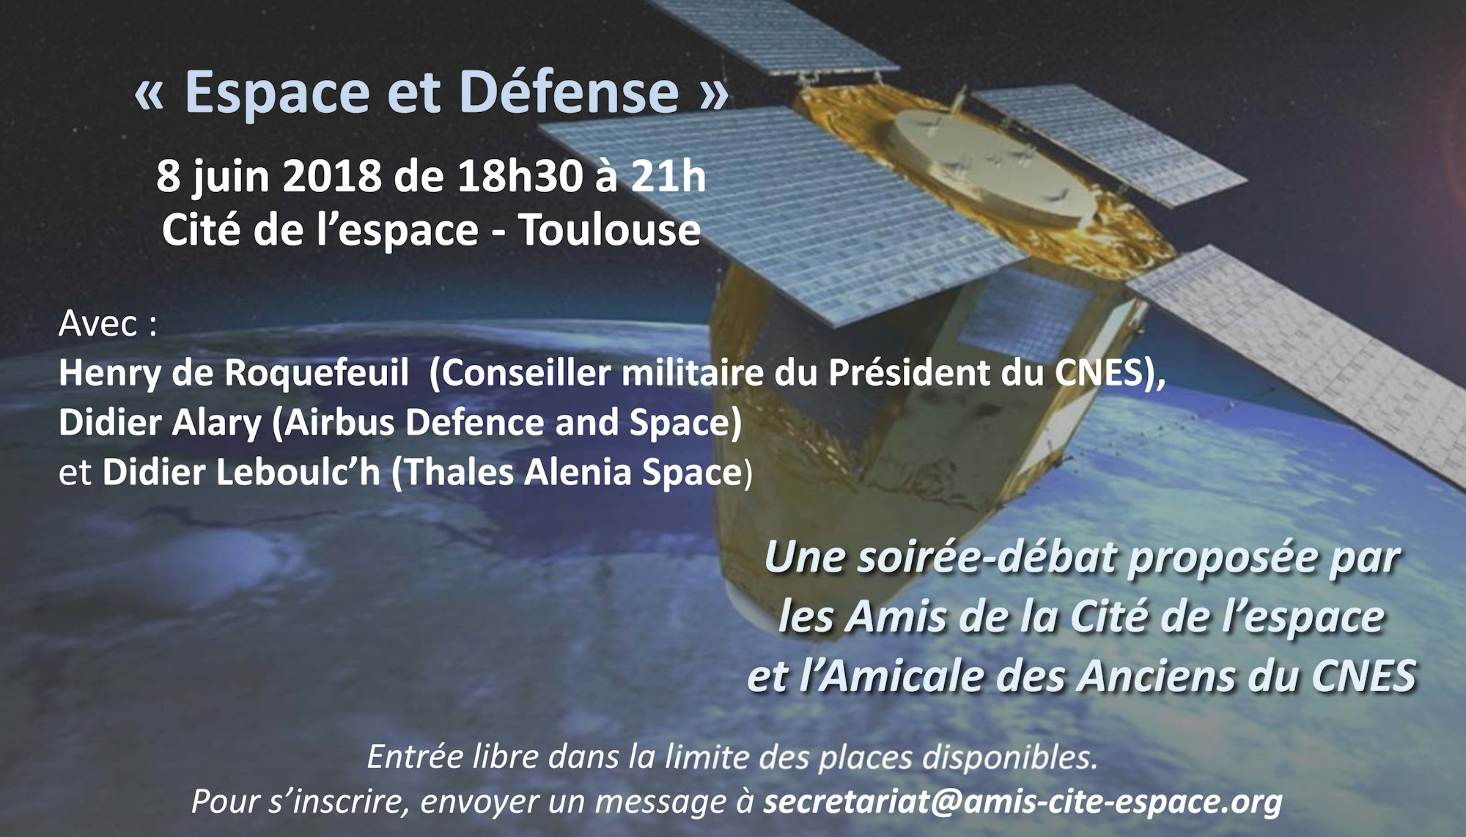 Conférence « Espace et Défense » le 8 juin à la Cité de l'espace de Toulouse